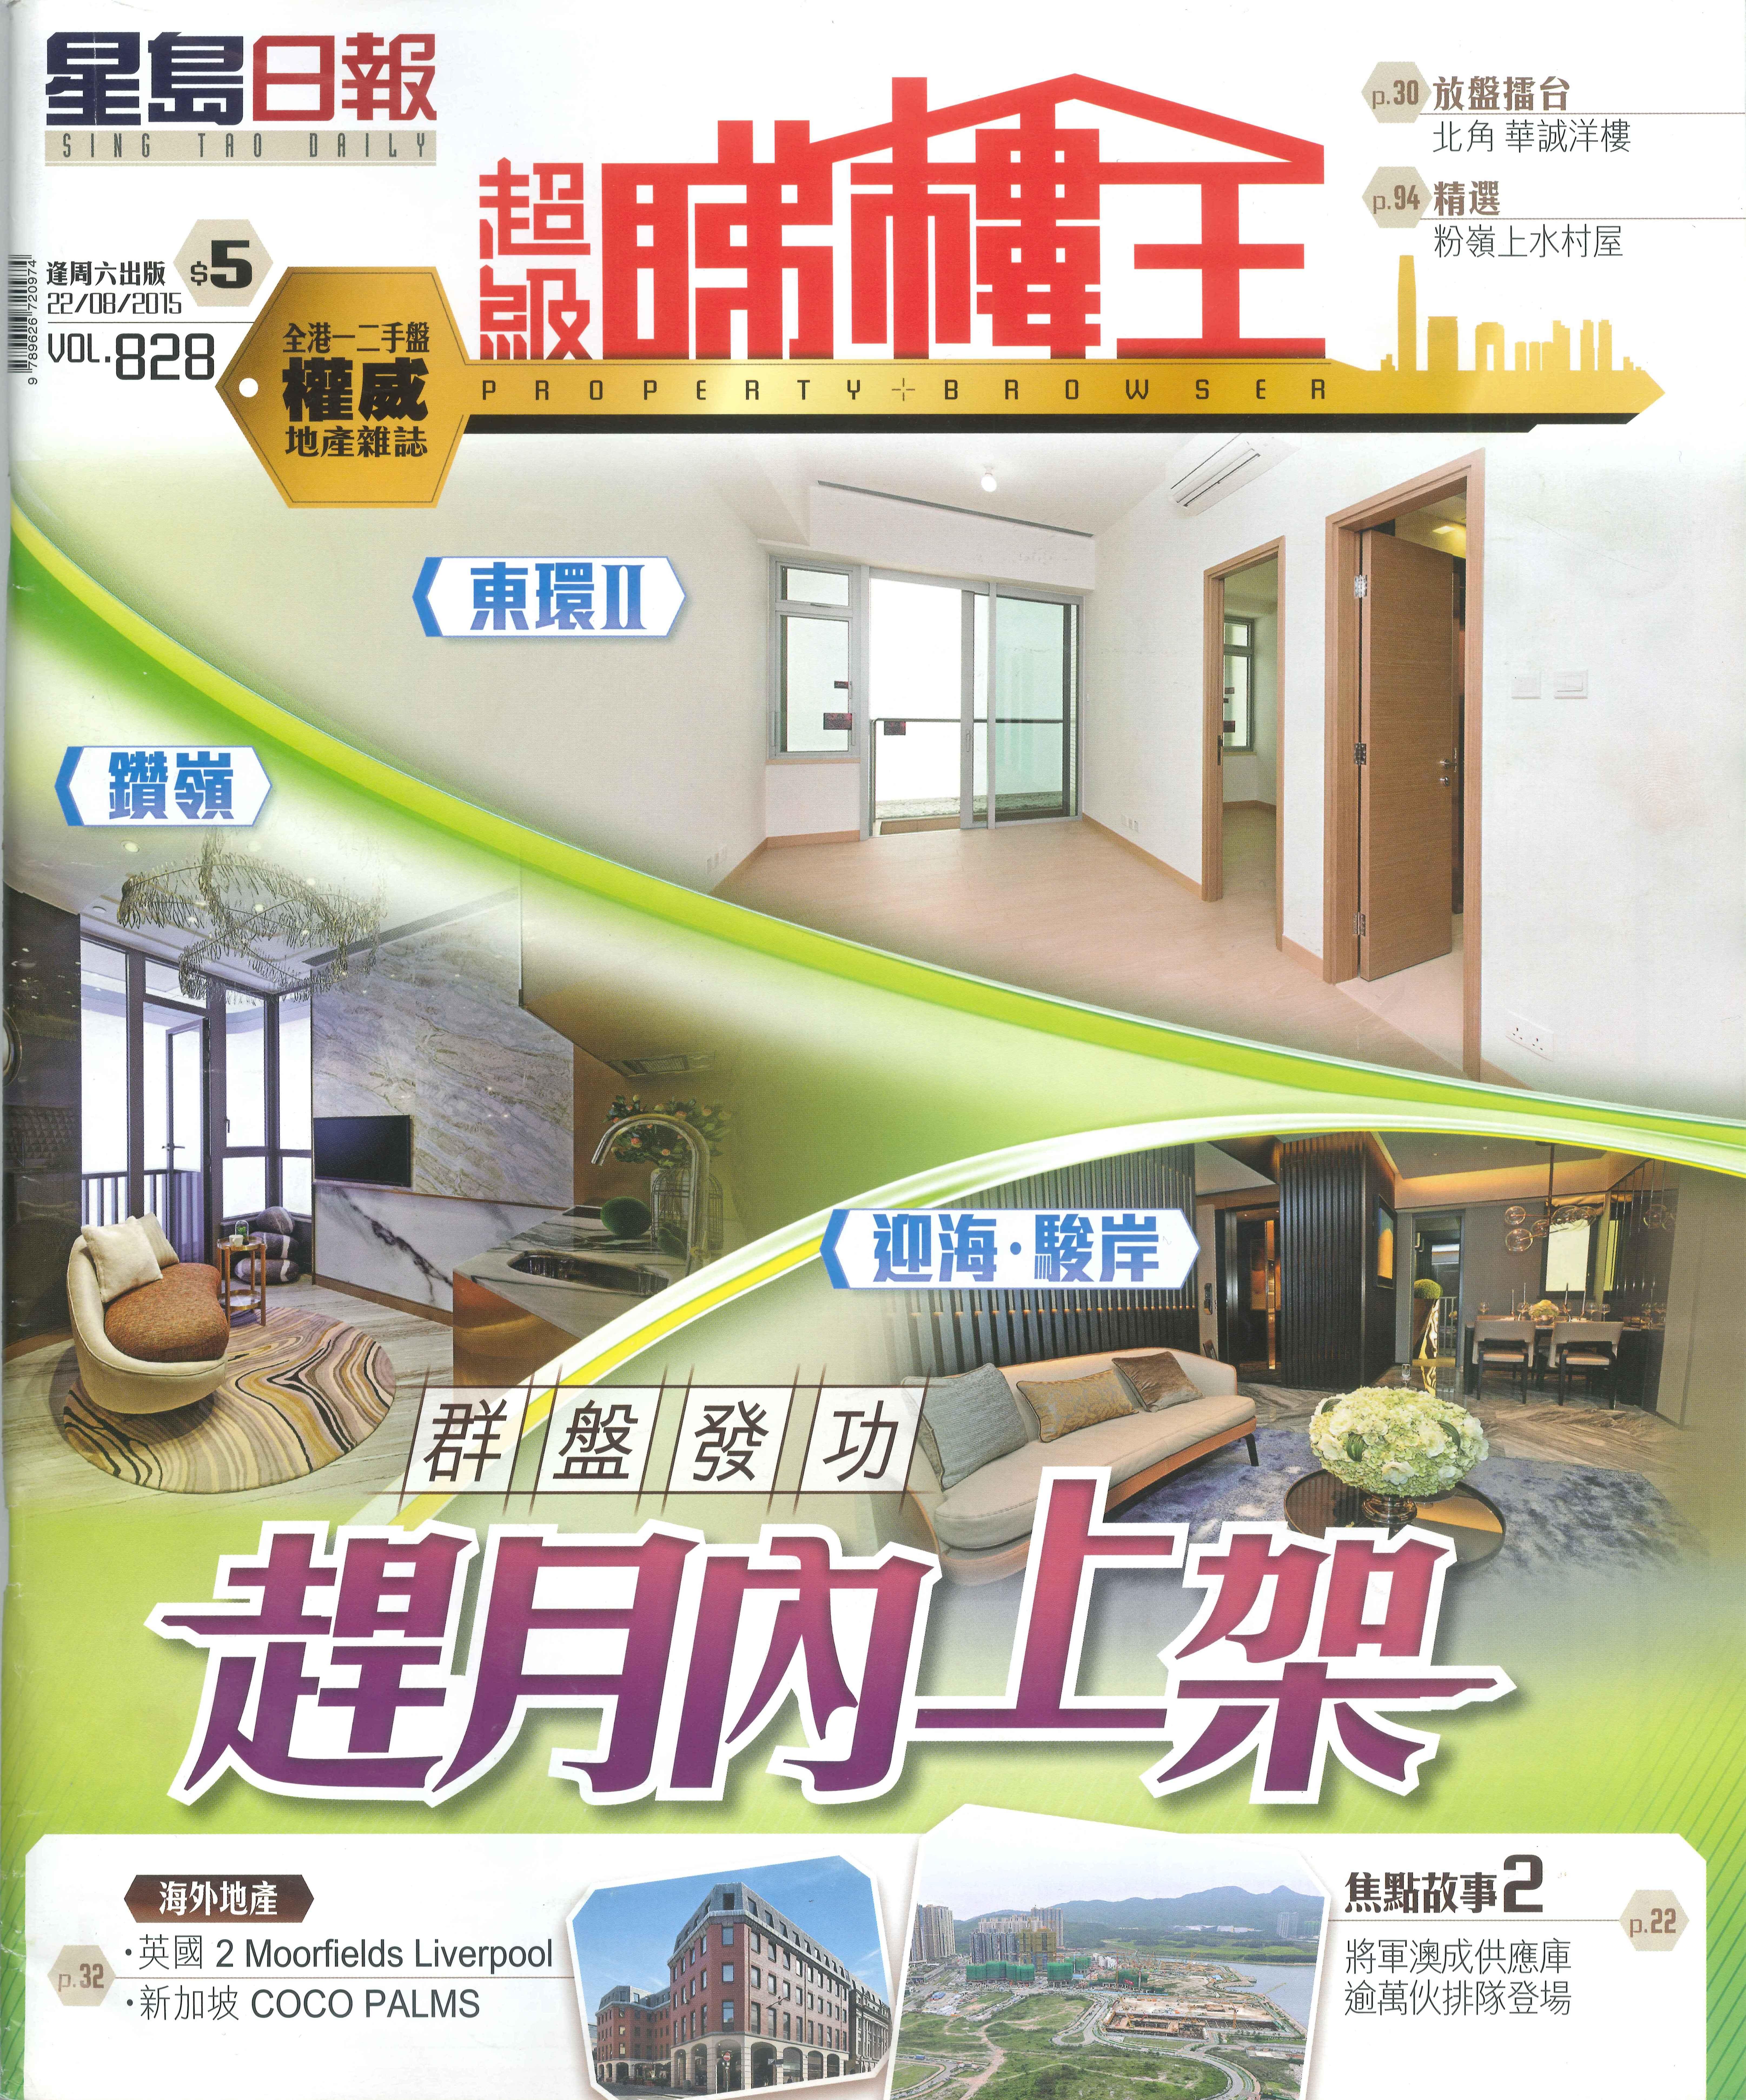 KaiTak PropertyBrowser